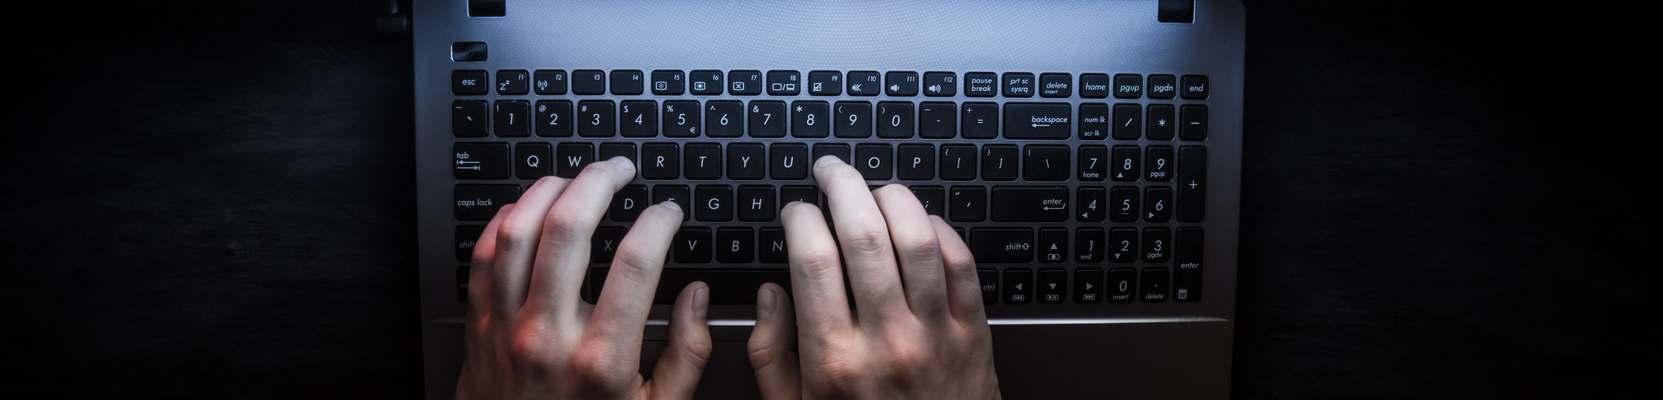 περίεργες τεχνικές hacking